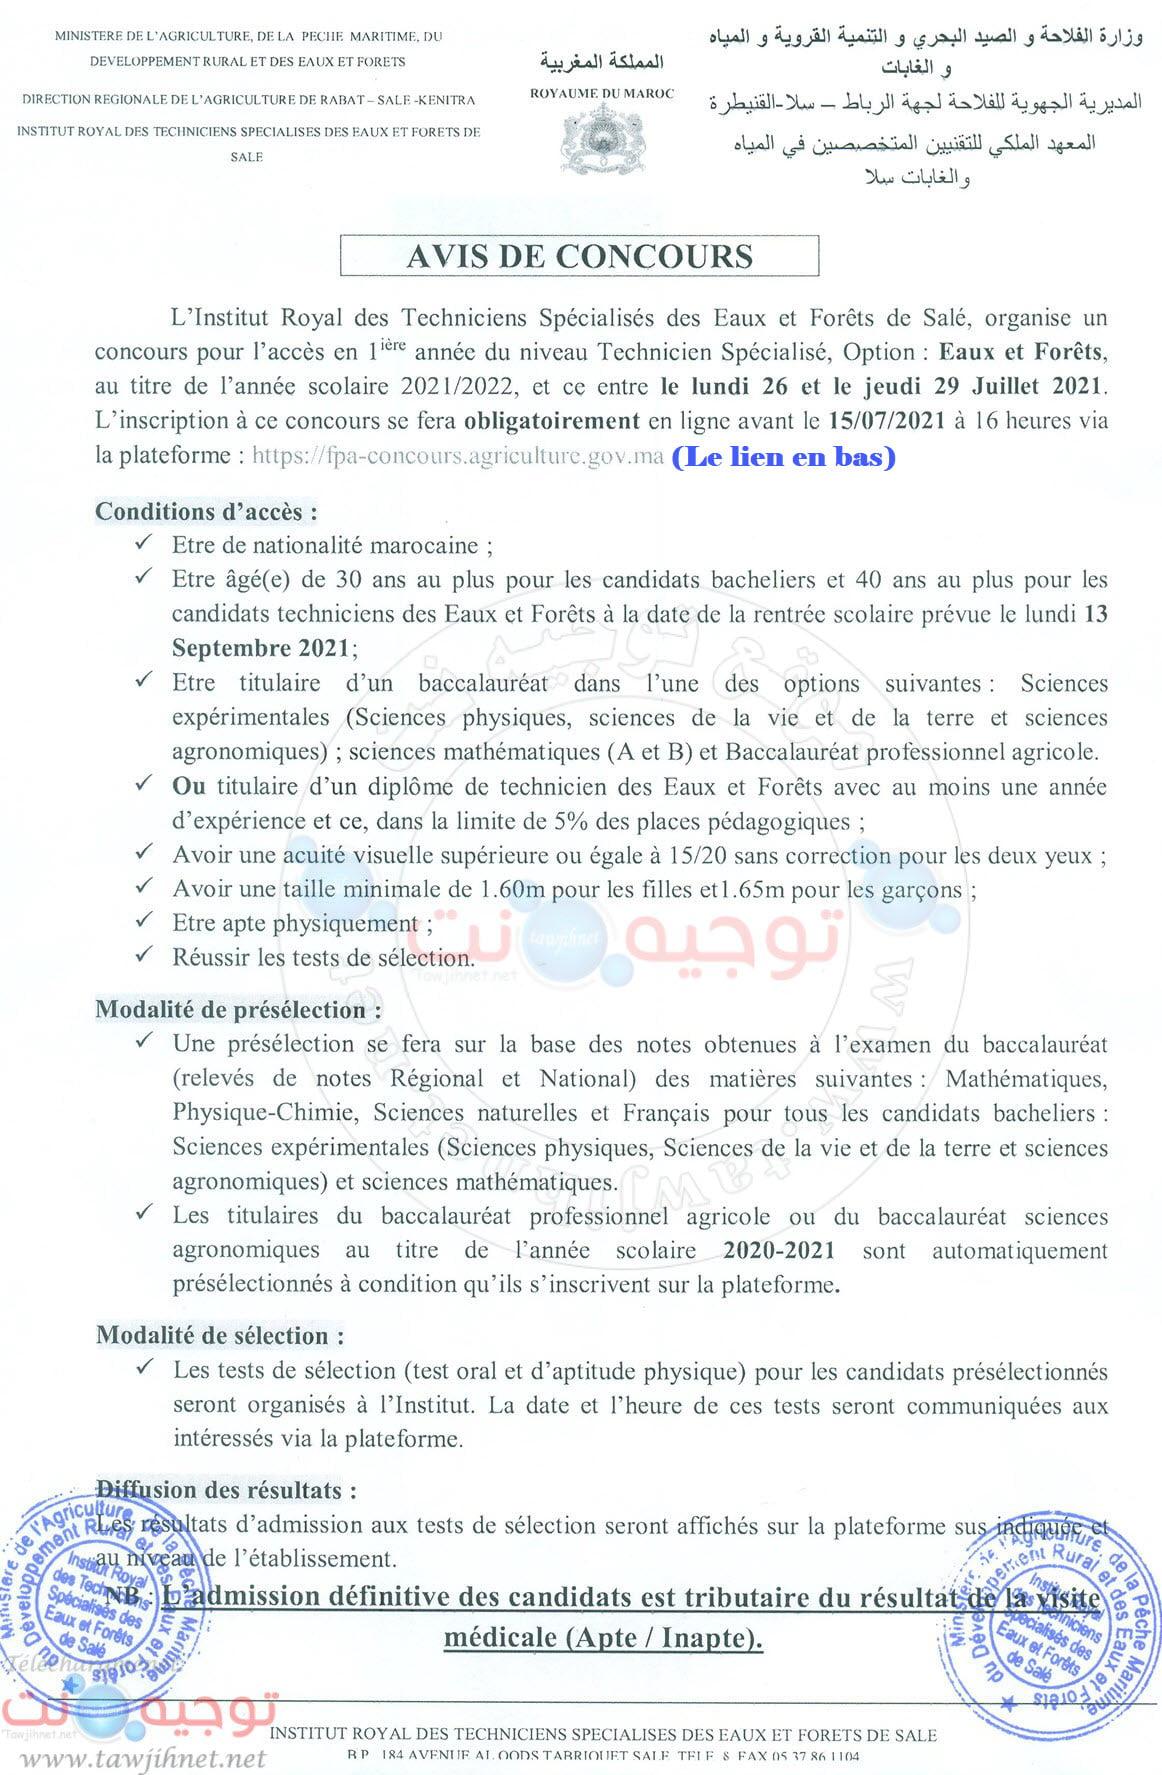 Concours IRTSEF Sale Institut Royal Eaux Forets 2021-2022